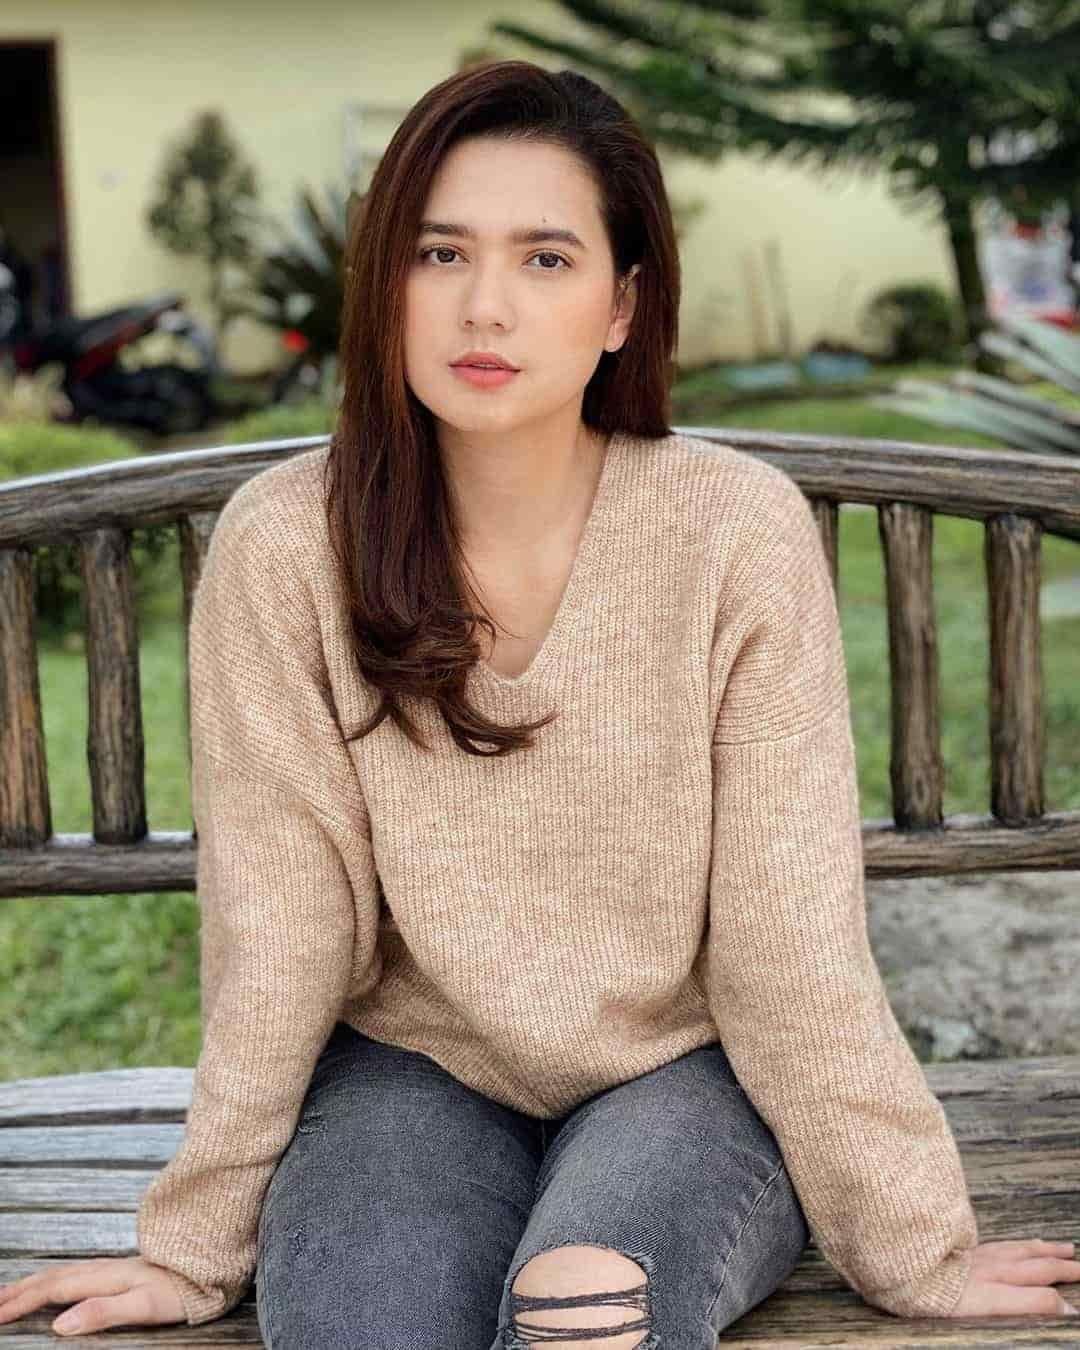 Biodata Profil Dan Fakta Mayang Yudittia Di 2021 Selebriti Wanita Cantik Wanita